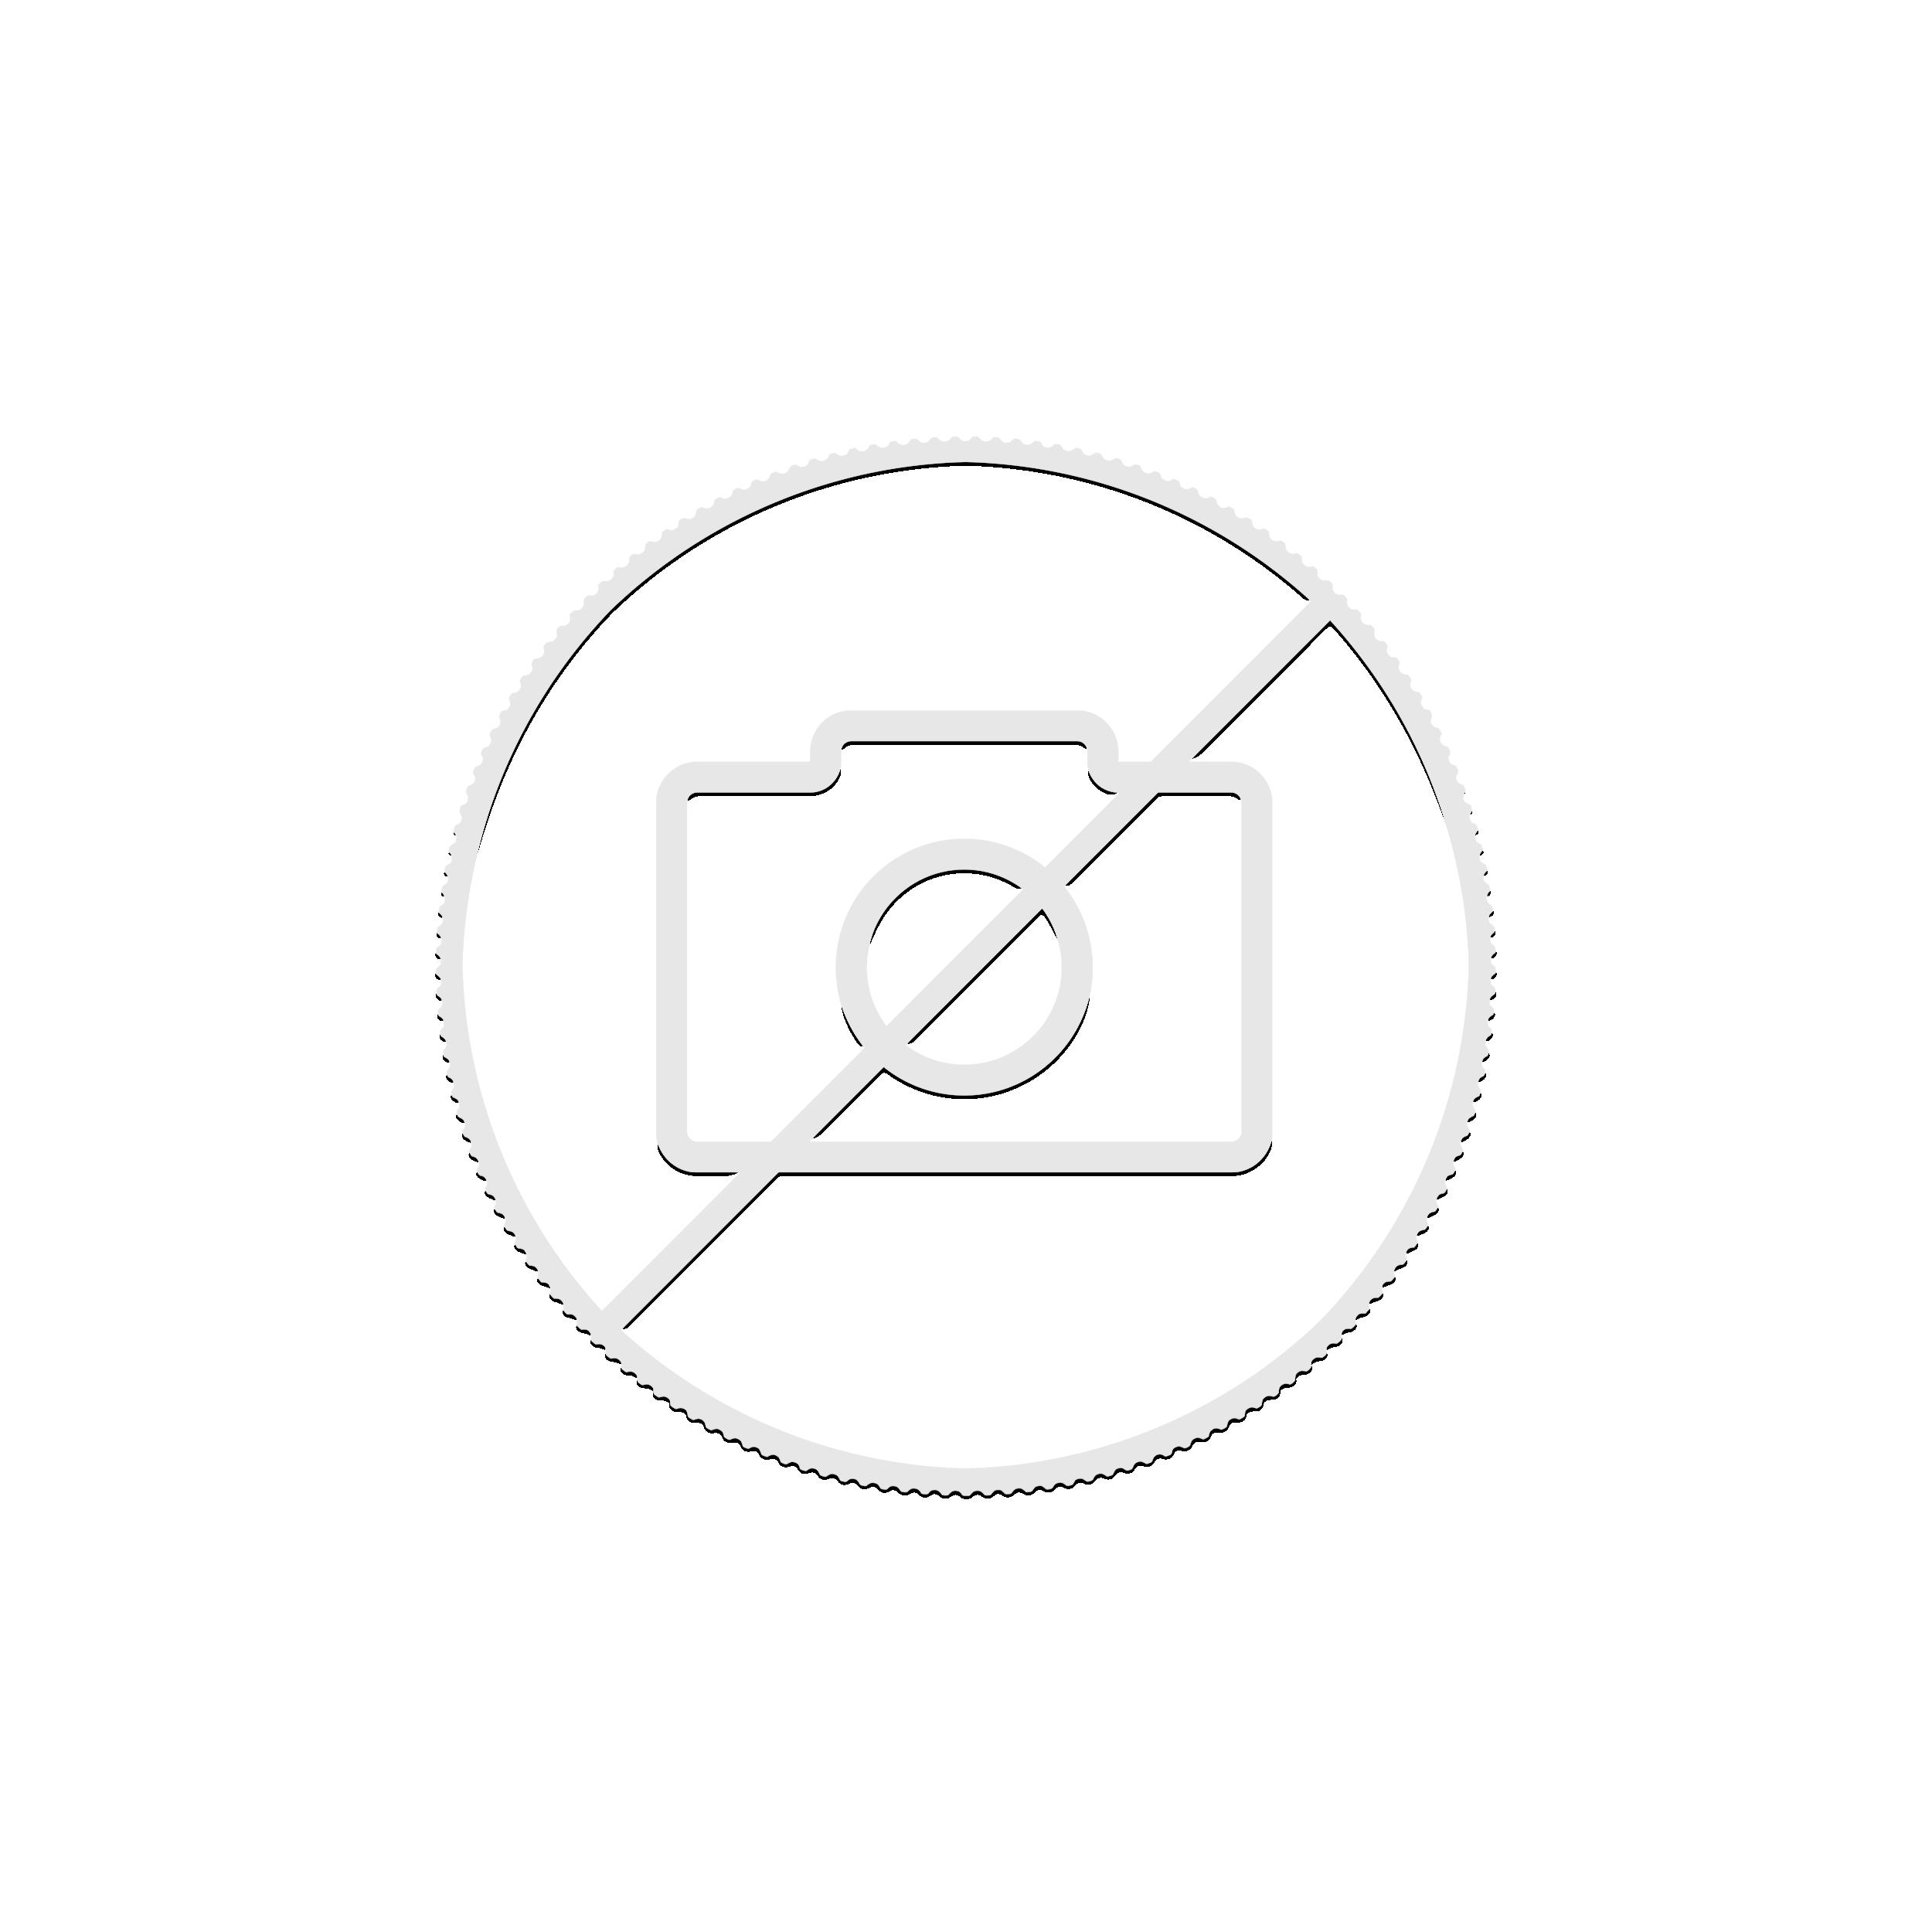 10 Troy ounce zilveren munt Kookaburra 2020 - achterkant